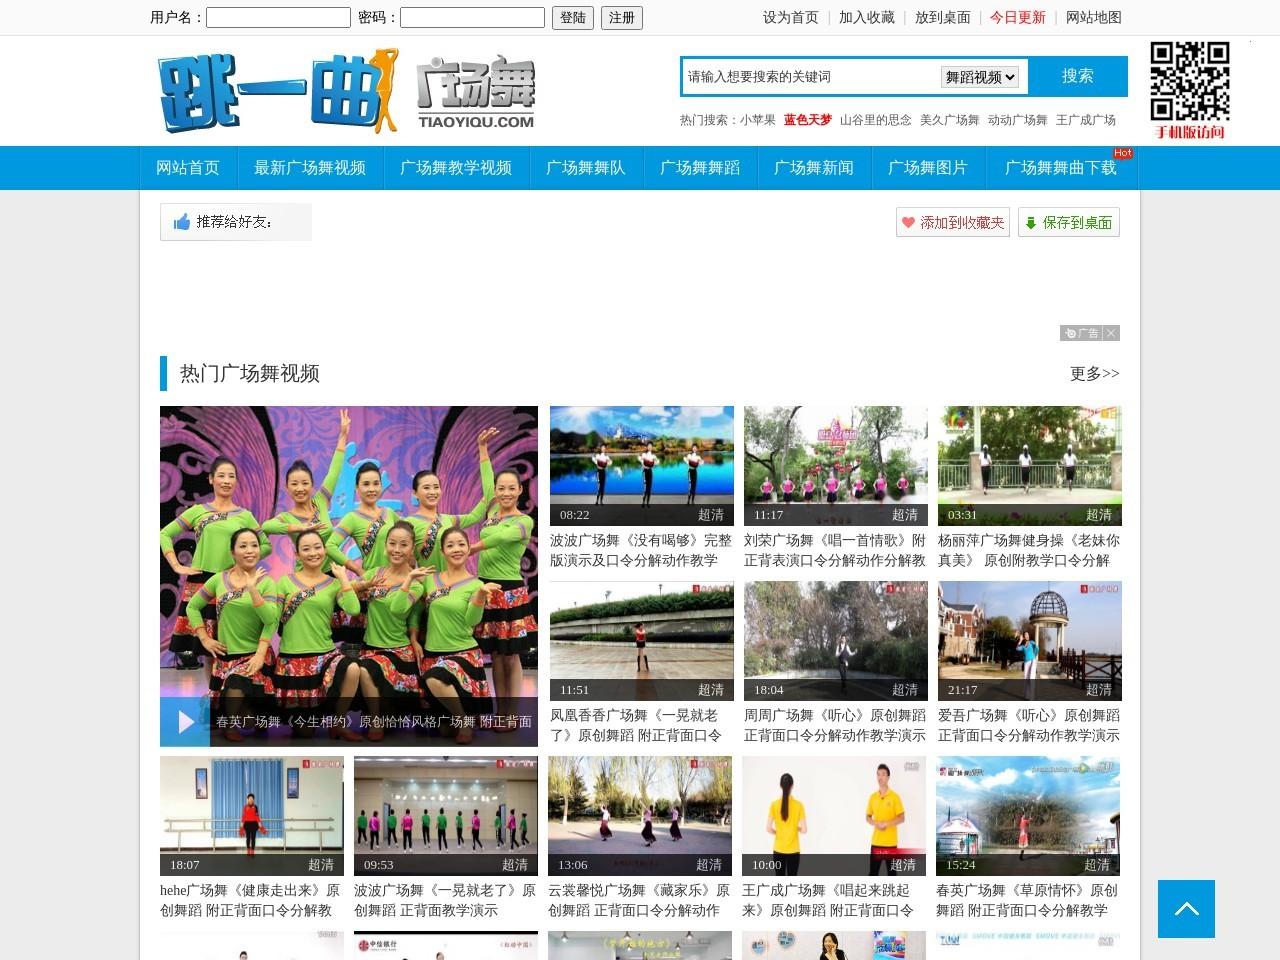 跳一曲广场舞-2021最新广场舞教学视频大全,中老年广场舞视频下载